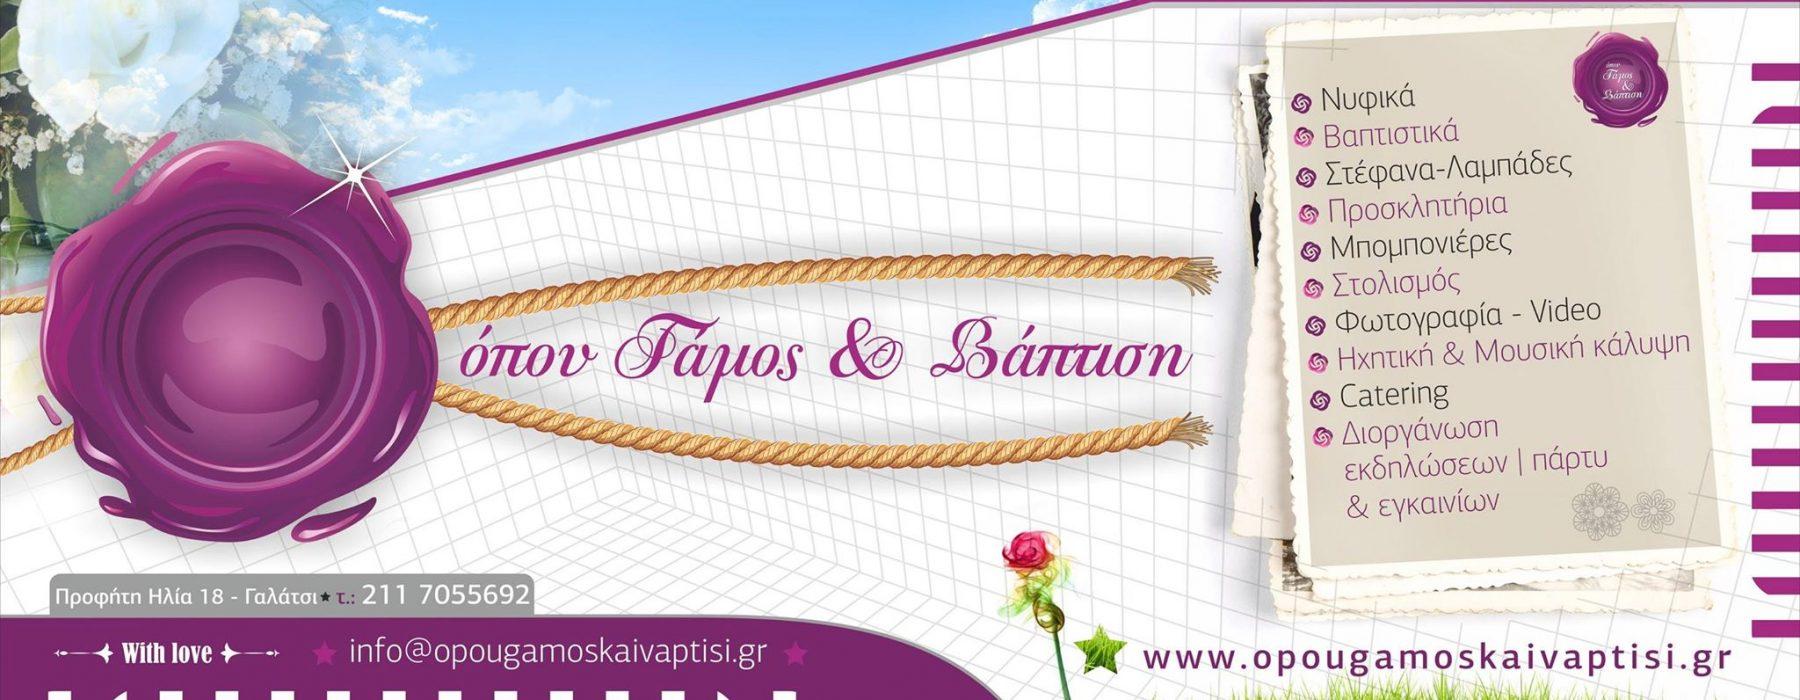 eaadeaf85b8b Όπου Γάμος   Βάπτιση – Στολισμοί